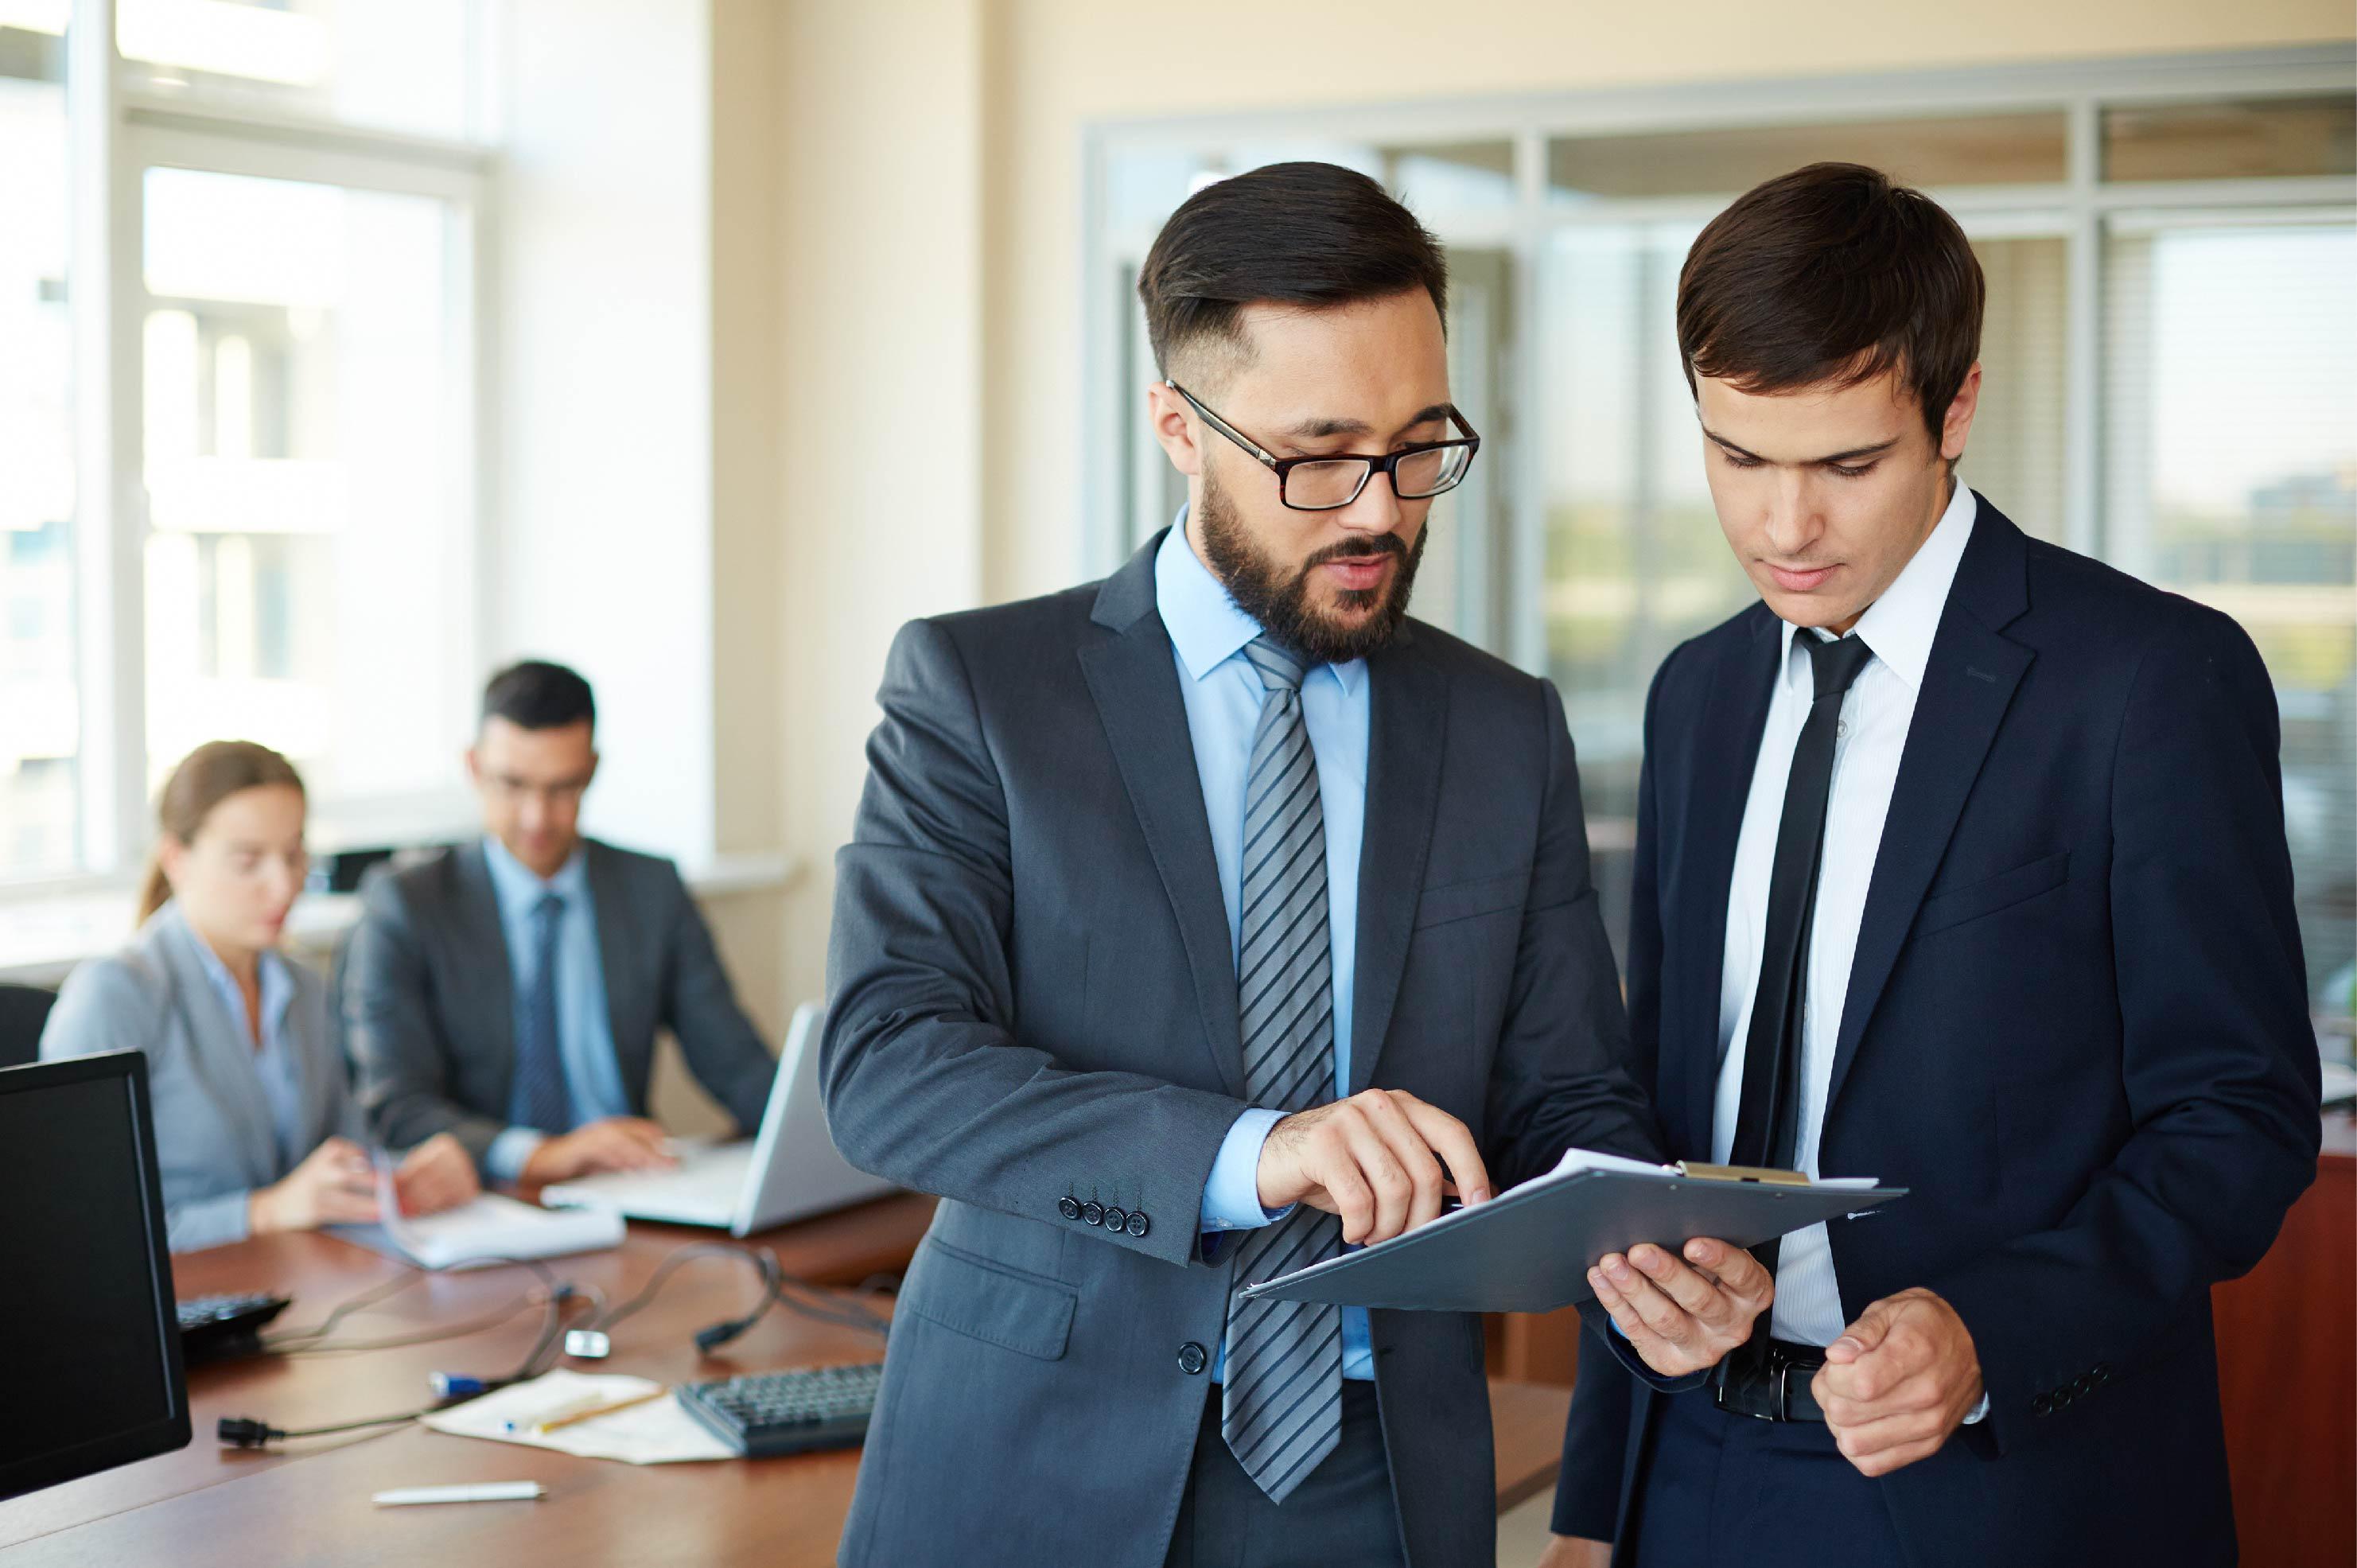 Top 10 Langkah Praktis Untuk Mendapatkan Coach dan Mentor Bisnis Bagi Entrepreneurs di Indonesia dan di Dunia-01